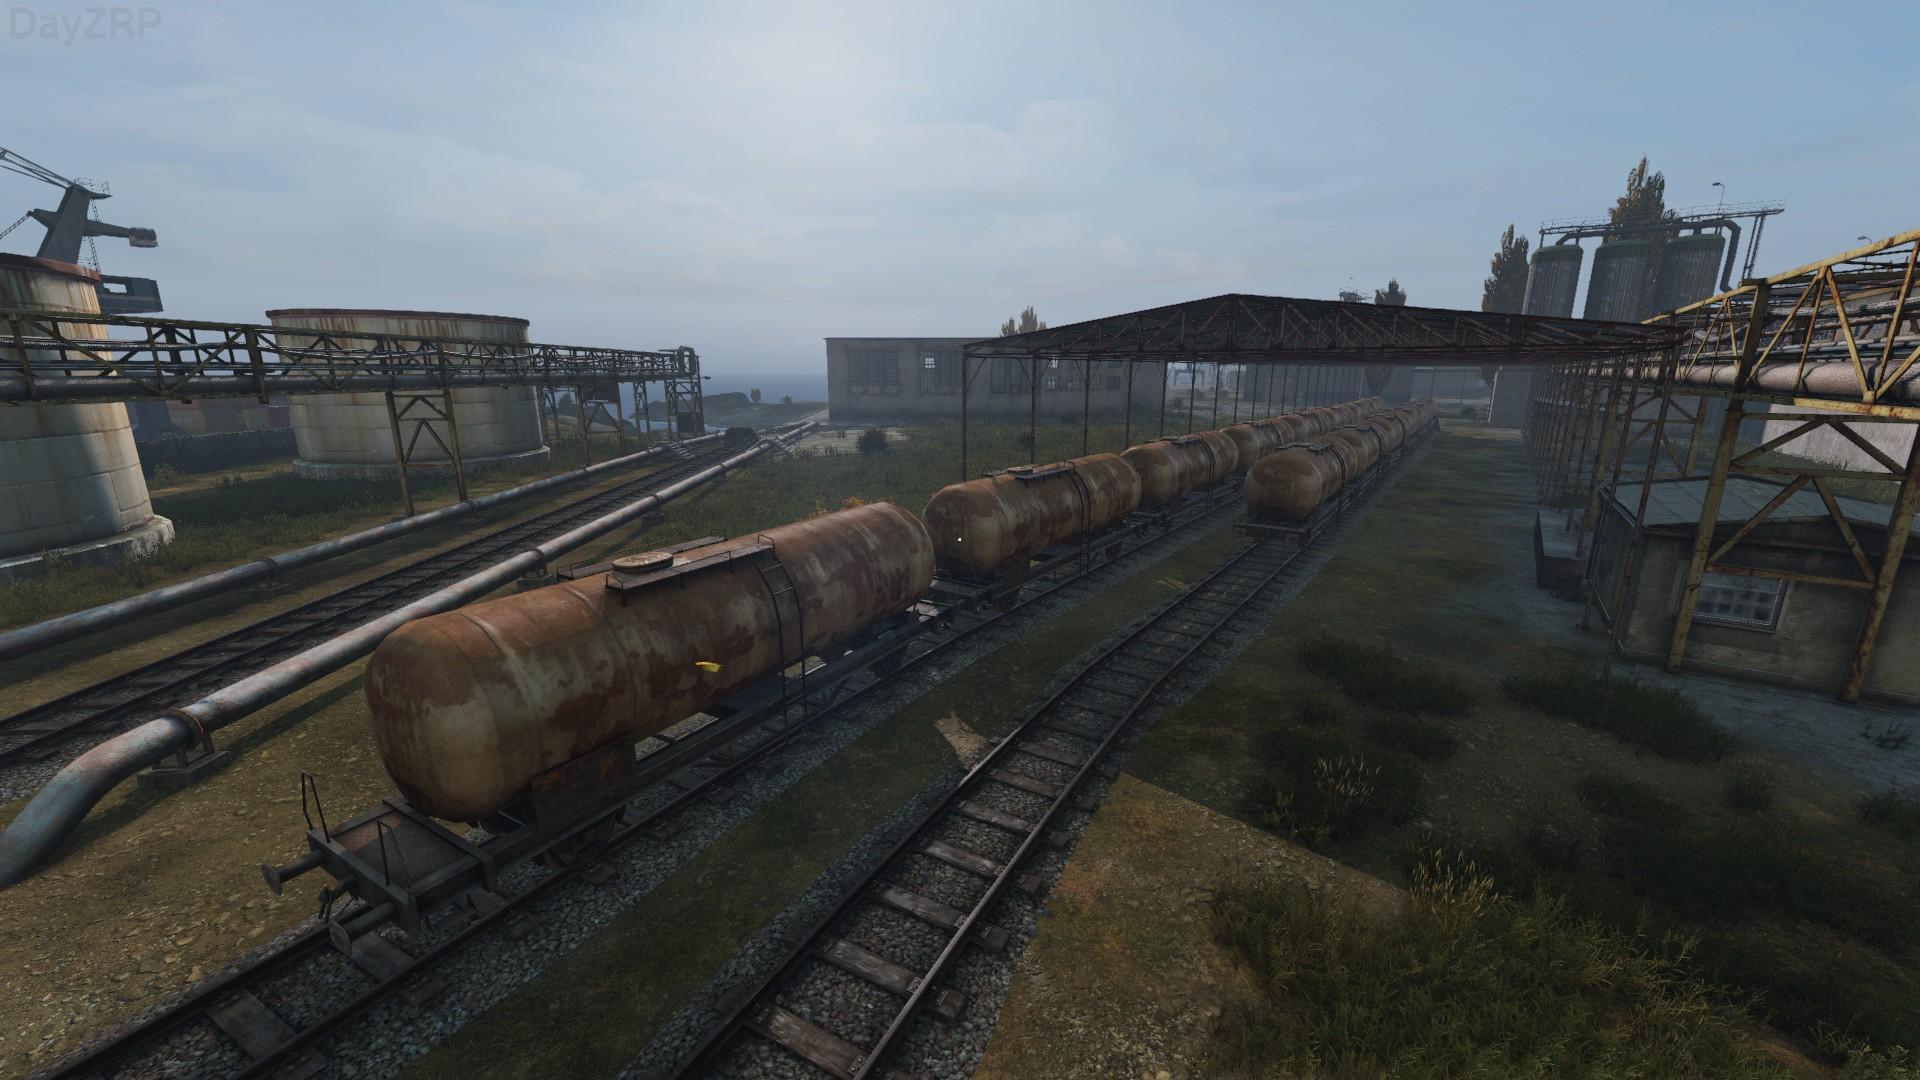 315971202_TrainYard.jpg.c519d6af1b057a9ca1359fc279def2fe.jpg